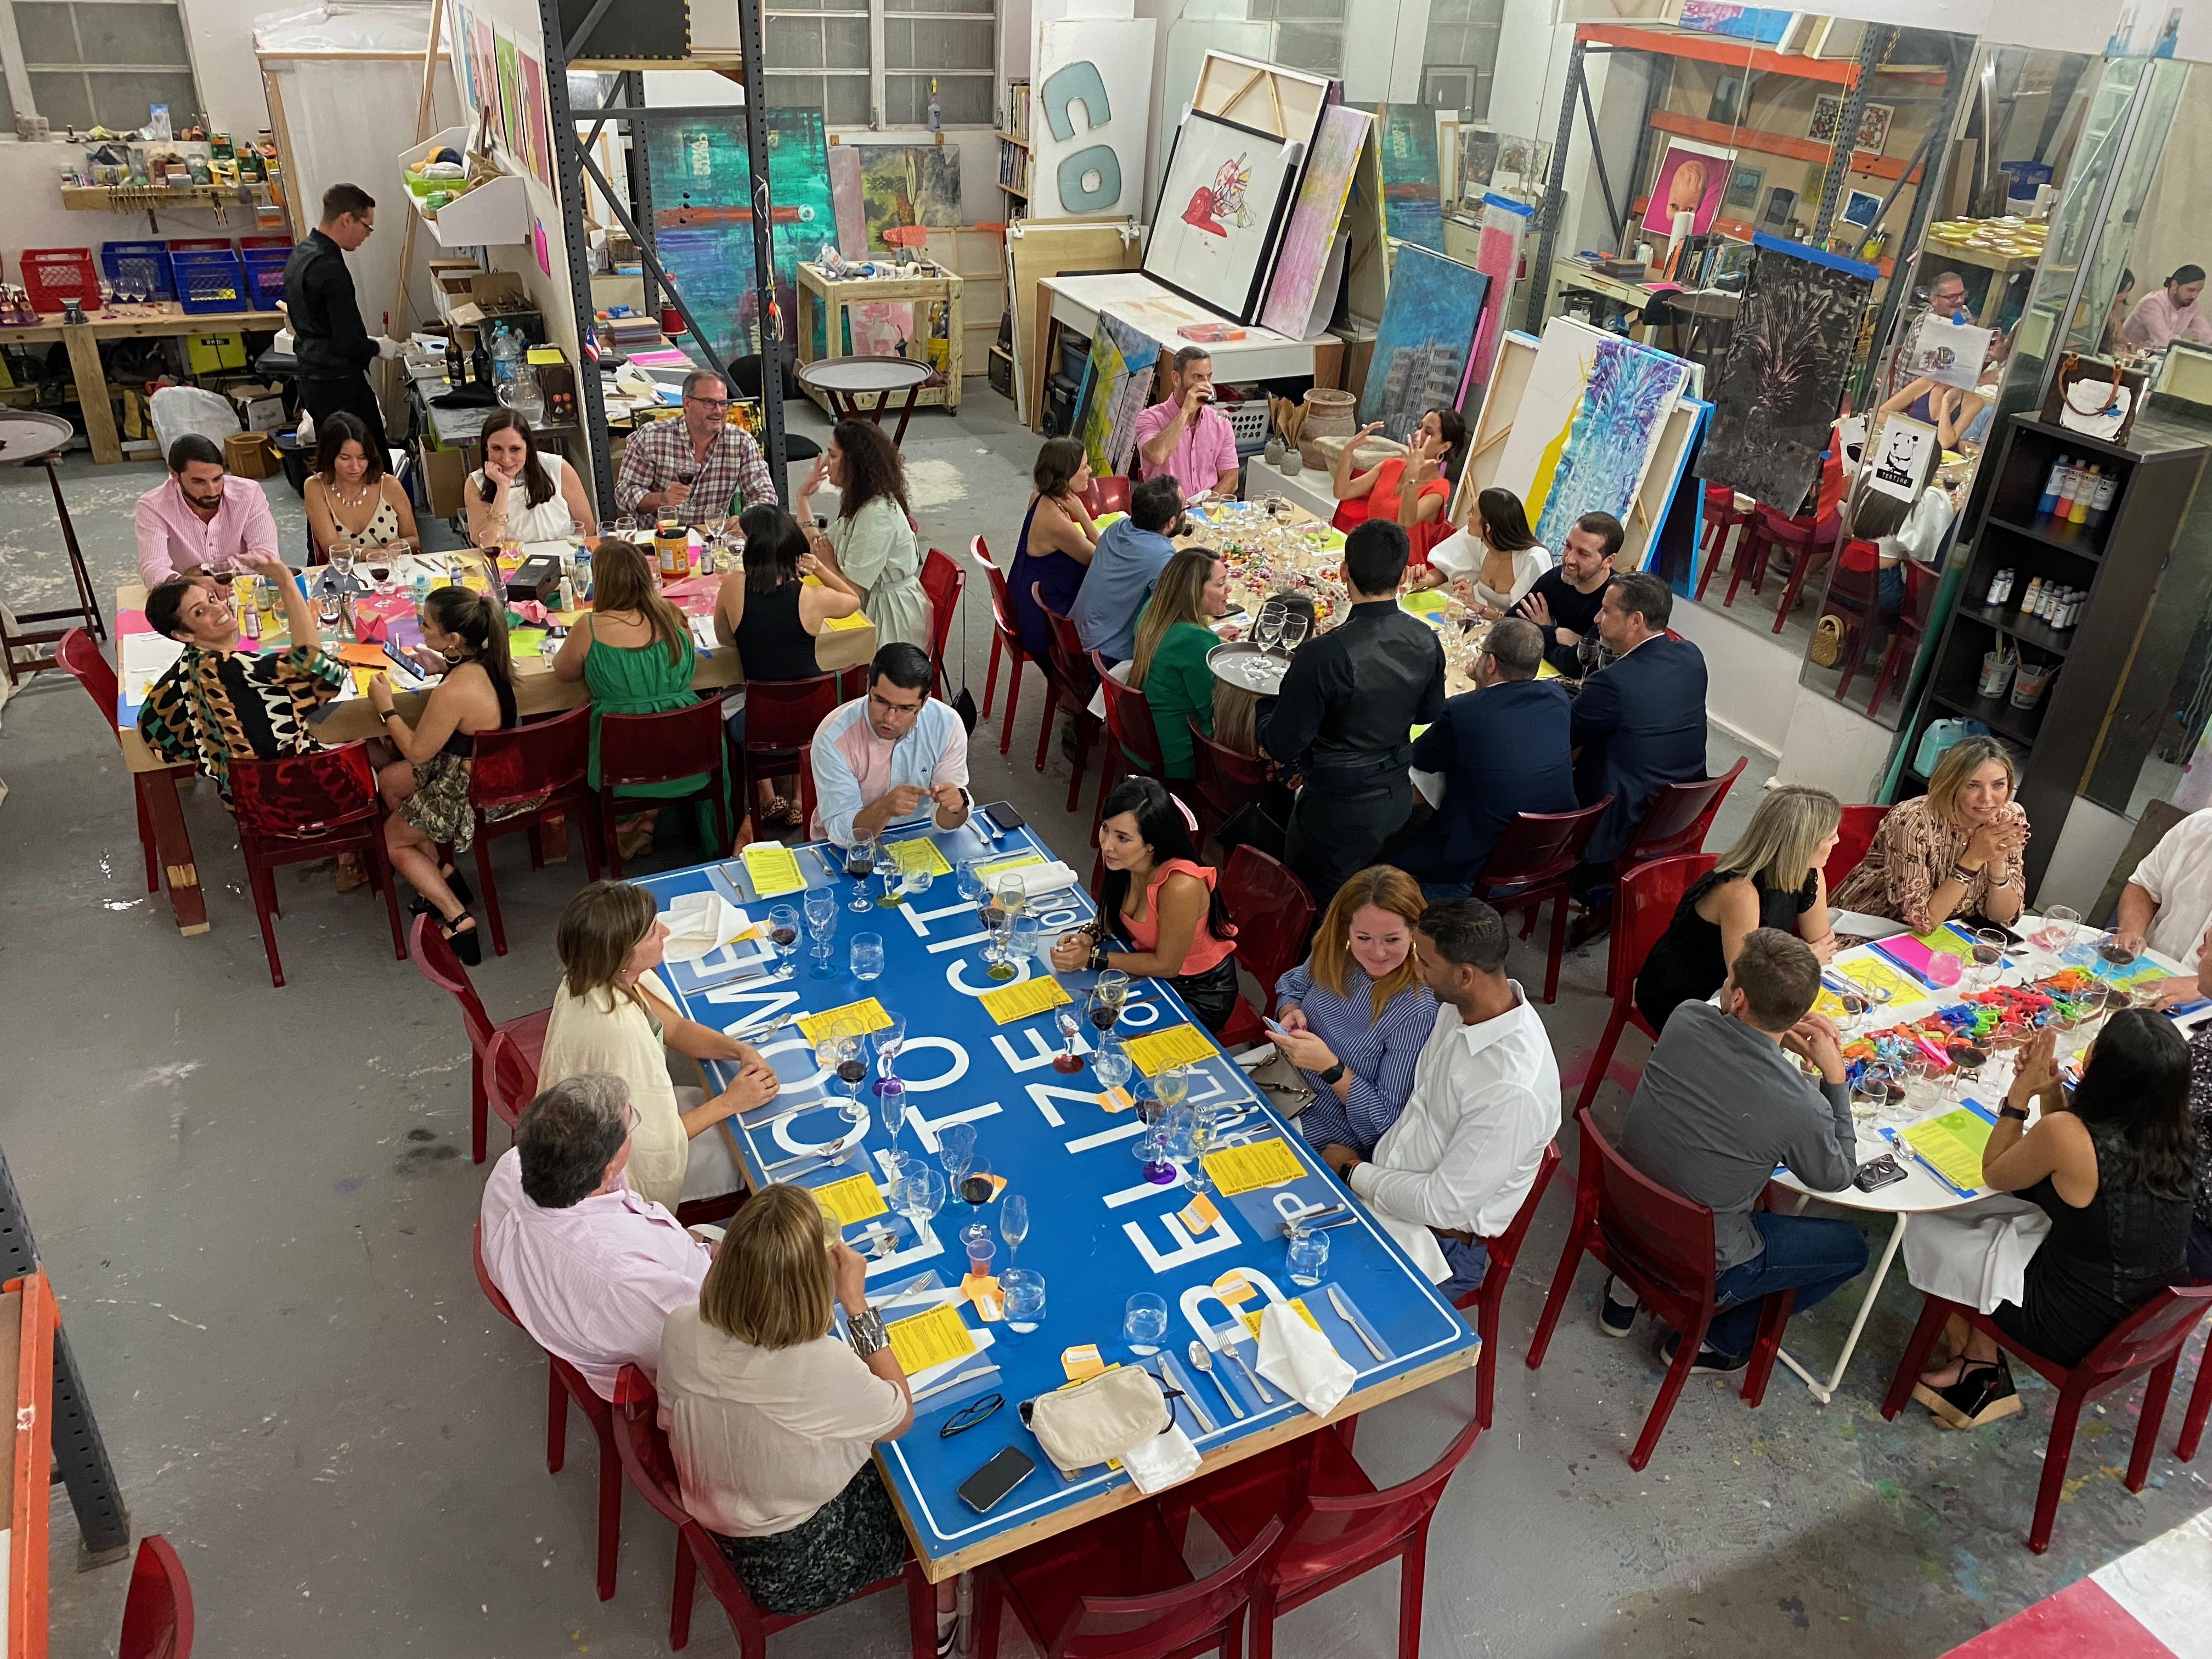 """""""The ARTstudio DINING SERIES"""" busca ampliar la oferta cultural en la Isla, ofreciendo maneras innovadoras de adentrarse en la obra de nuestros artistas, con el fin de fomentar un espíritu de apreciación, coleccionismo y filantropía en apoyo de artistas puertorriqueños. Foto suministrada"""